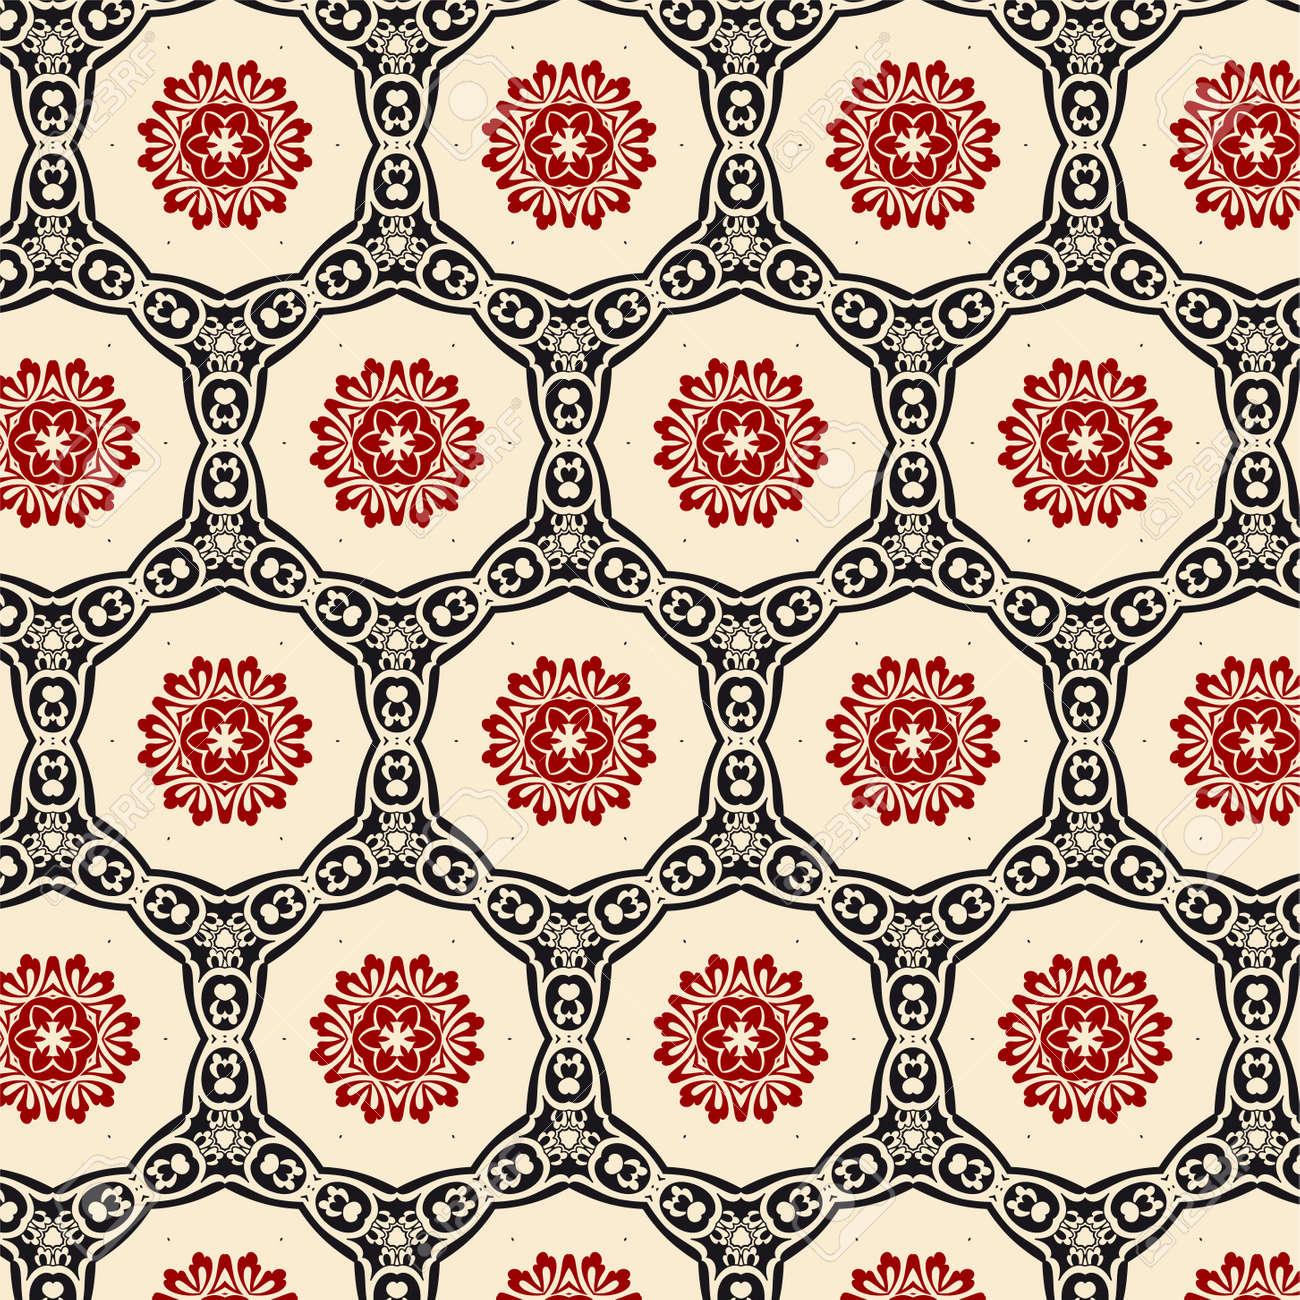 レトロな壁紙のイラスト素材 ベクタ Image 11951075